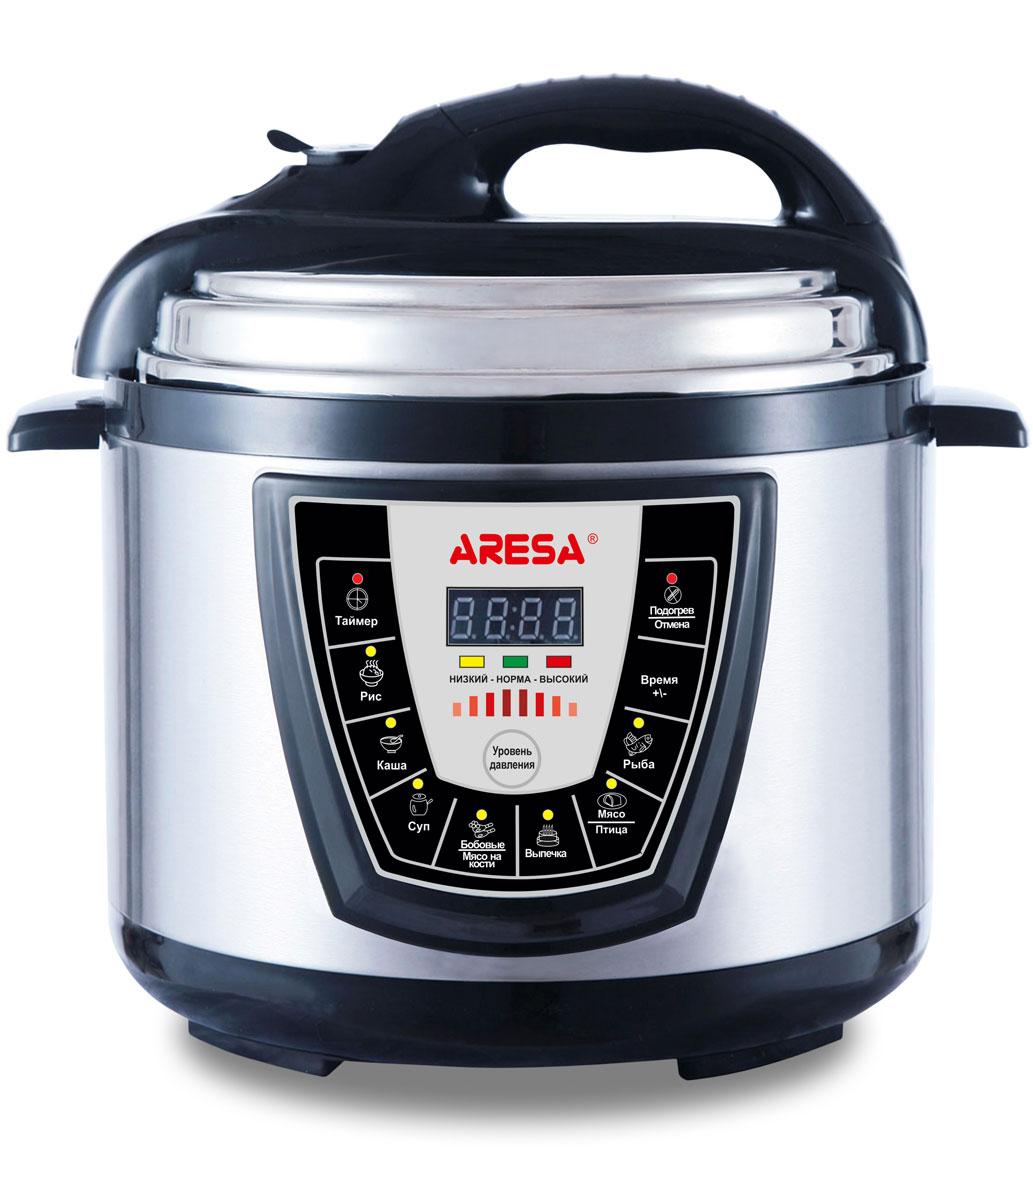 Aresa AR-2003 мультиварка-скороваркаAR-2003Мультиварка Aresa AR-2003 имеет светодиодный LED-дисплей и вместительную чашу объемом 5 литров скерамическим покрытием. Прочный корпус изготовлен из нержавеющей стали. Имеется встроенный датчикконтроля температуры и клапан сброса избыточного давления.Множество различных функций и режимов приготовления позволит готовить именно те блюда, которые вамнравятся. Регулировка времени приготовления и функция отложенного старта позволит с большой точностьюрассчитывать продолжительность готовки. Доступна установка таймера до 24 часов. В комплект входят полезныеаксессуары для приготовления пищи, а книгу рецептов можно бесплатно скачать с сайта производителя.